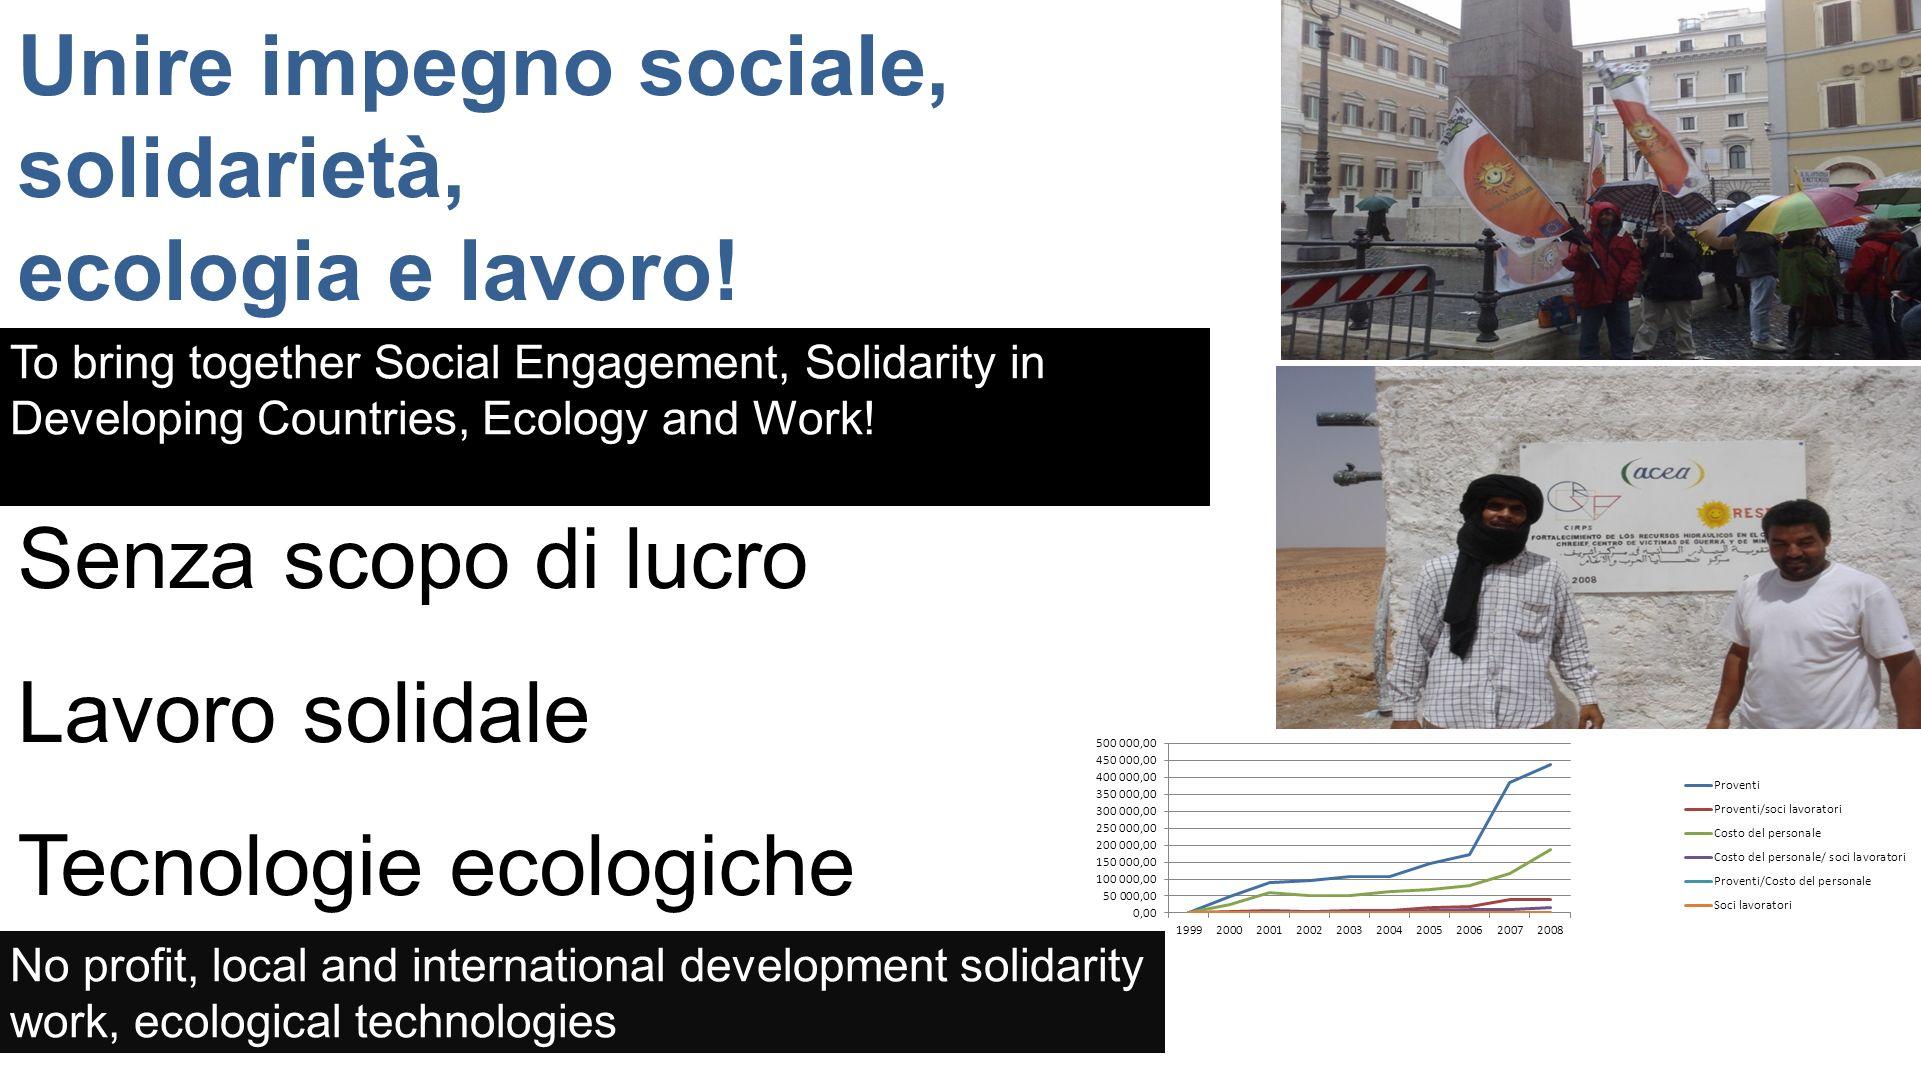 Unire impegno sociale, solidarietà, ecologia e lavoro.